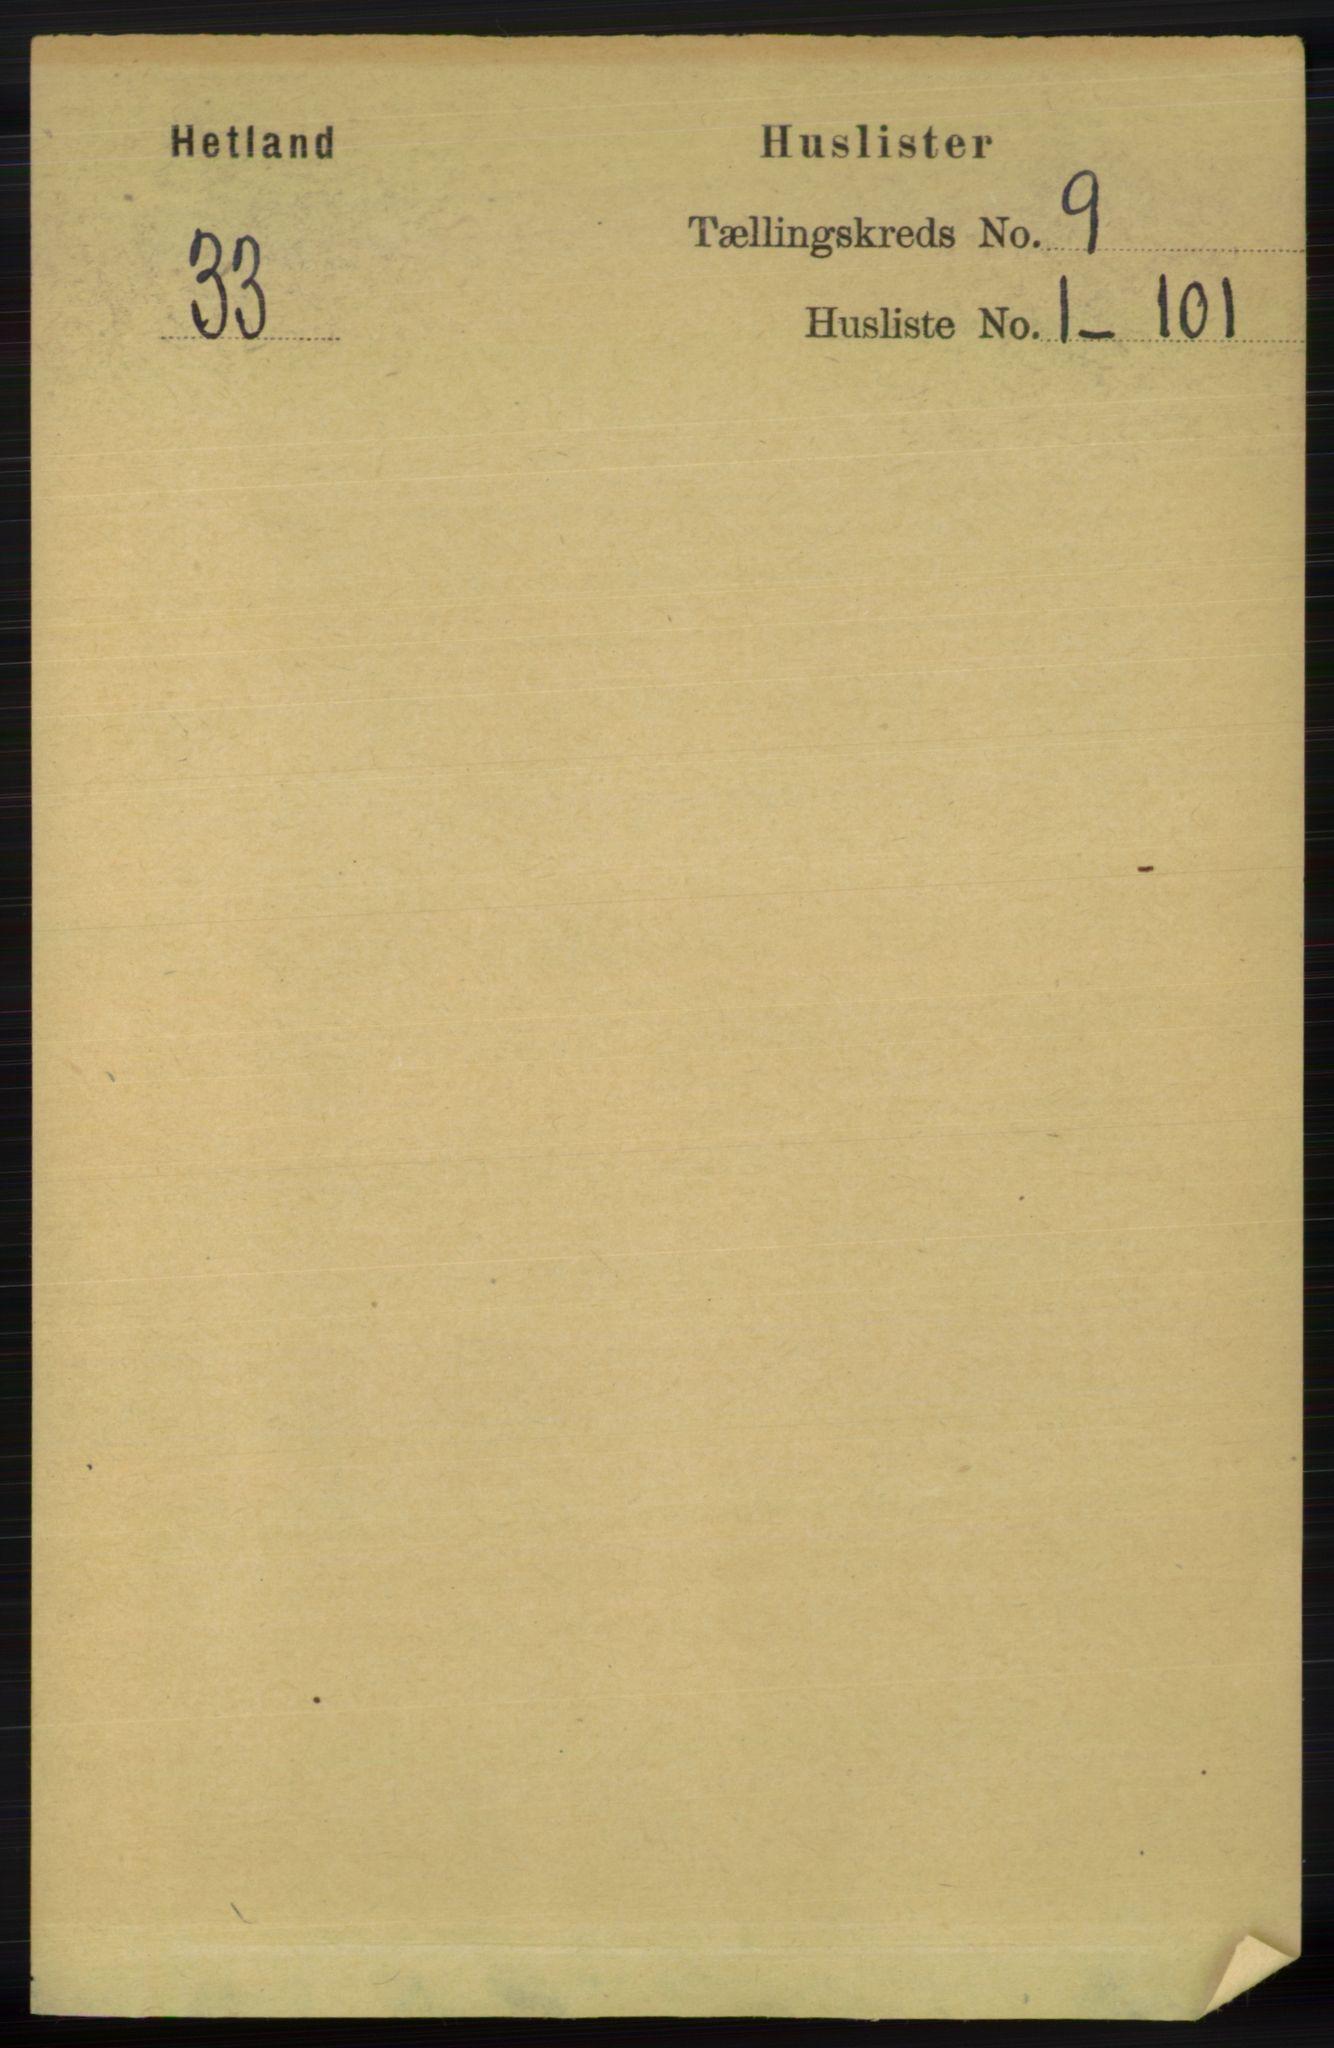 RA, Folketelling 1891 for 1126 Hetland herred, 1891, s. 5005